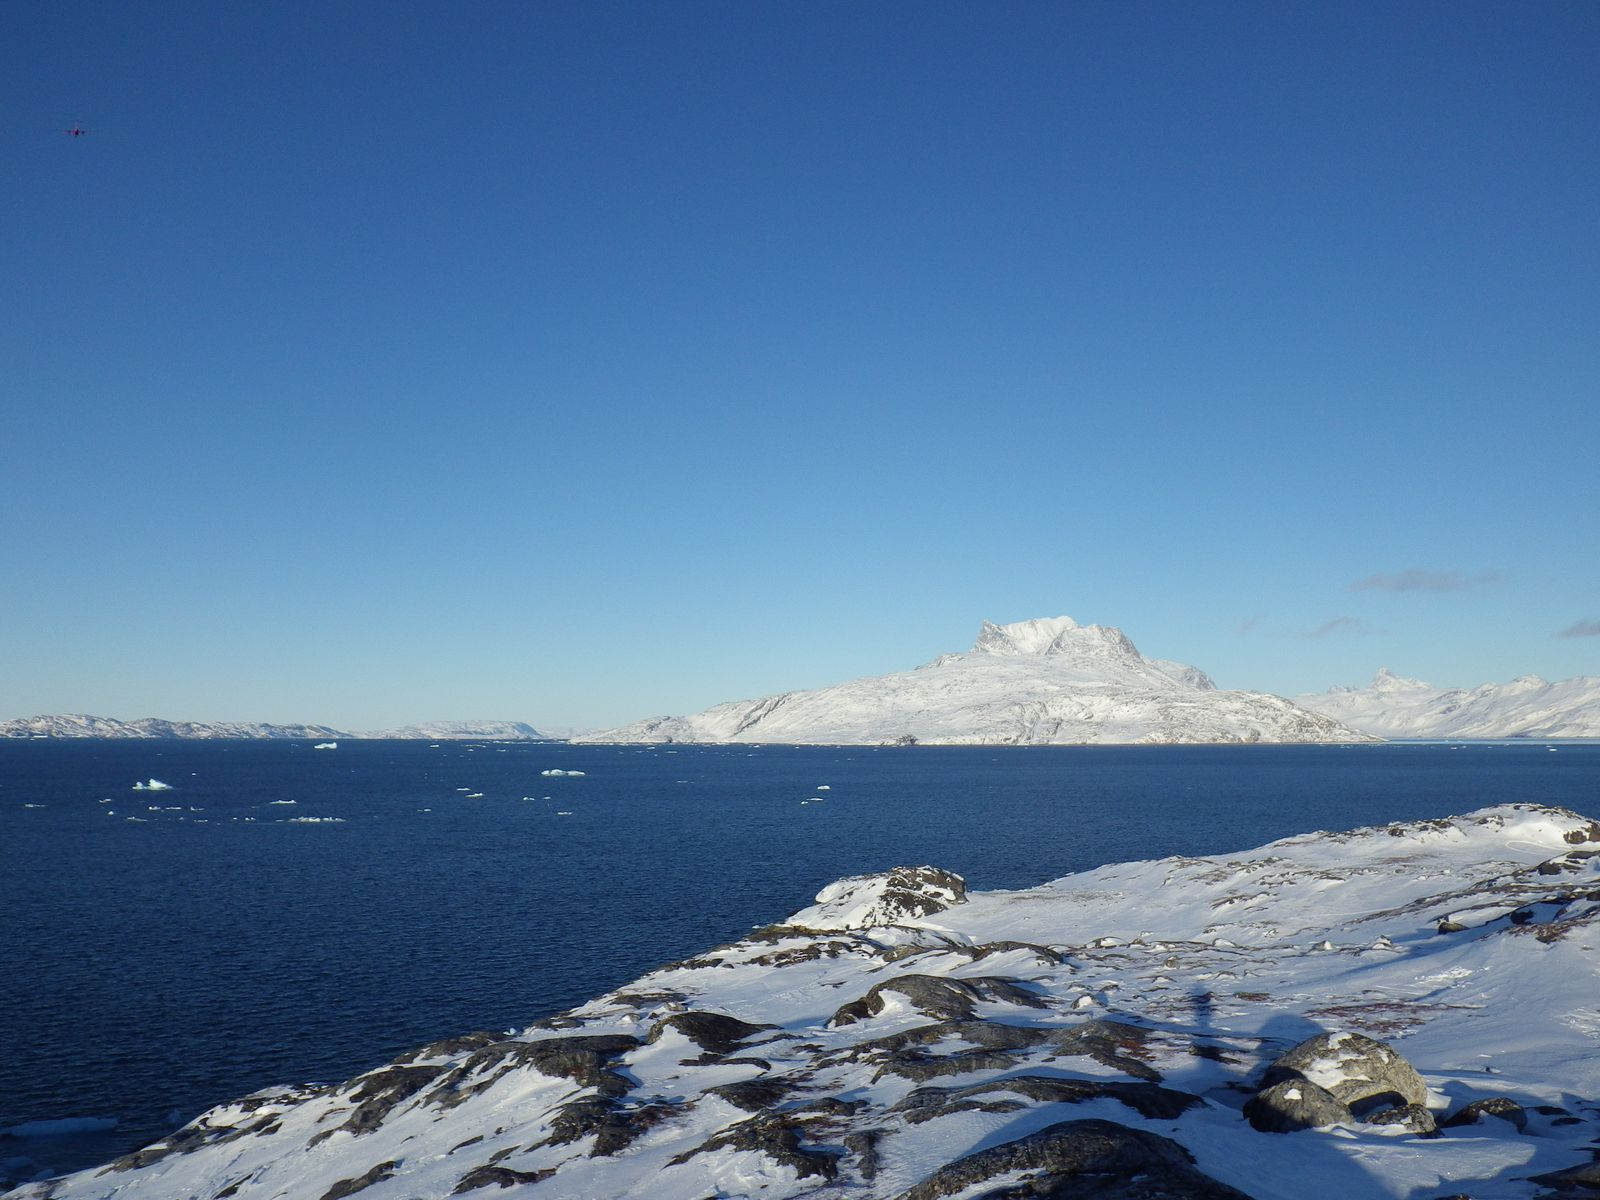 2013-02-25-1935_-_sermitsiaq